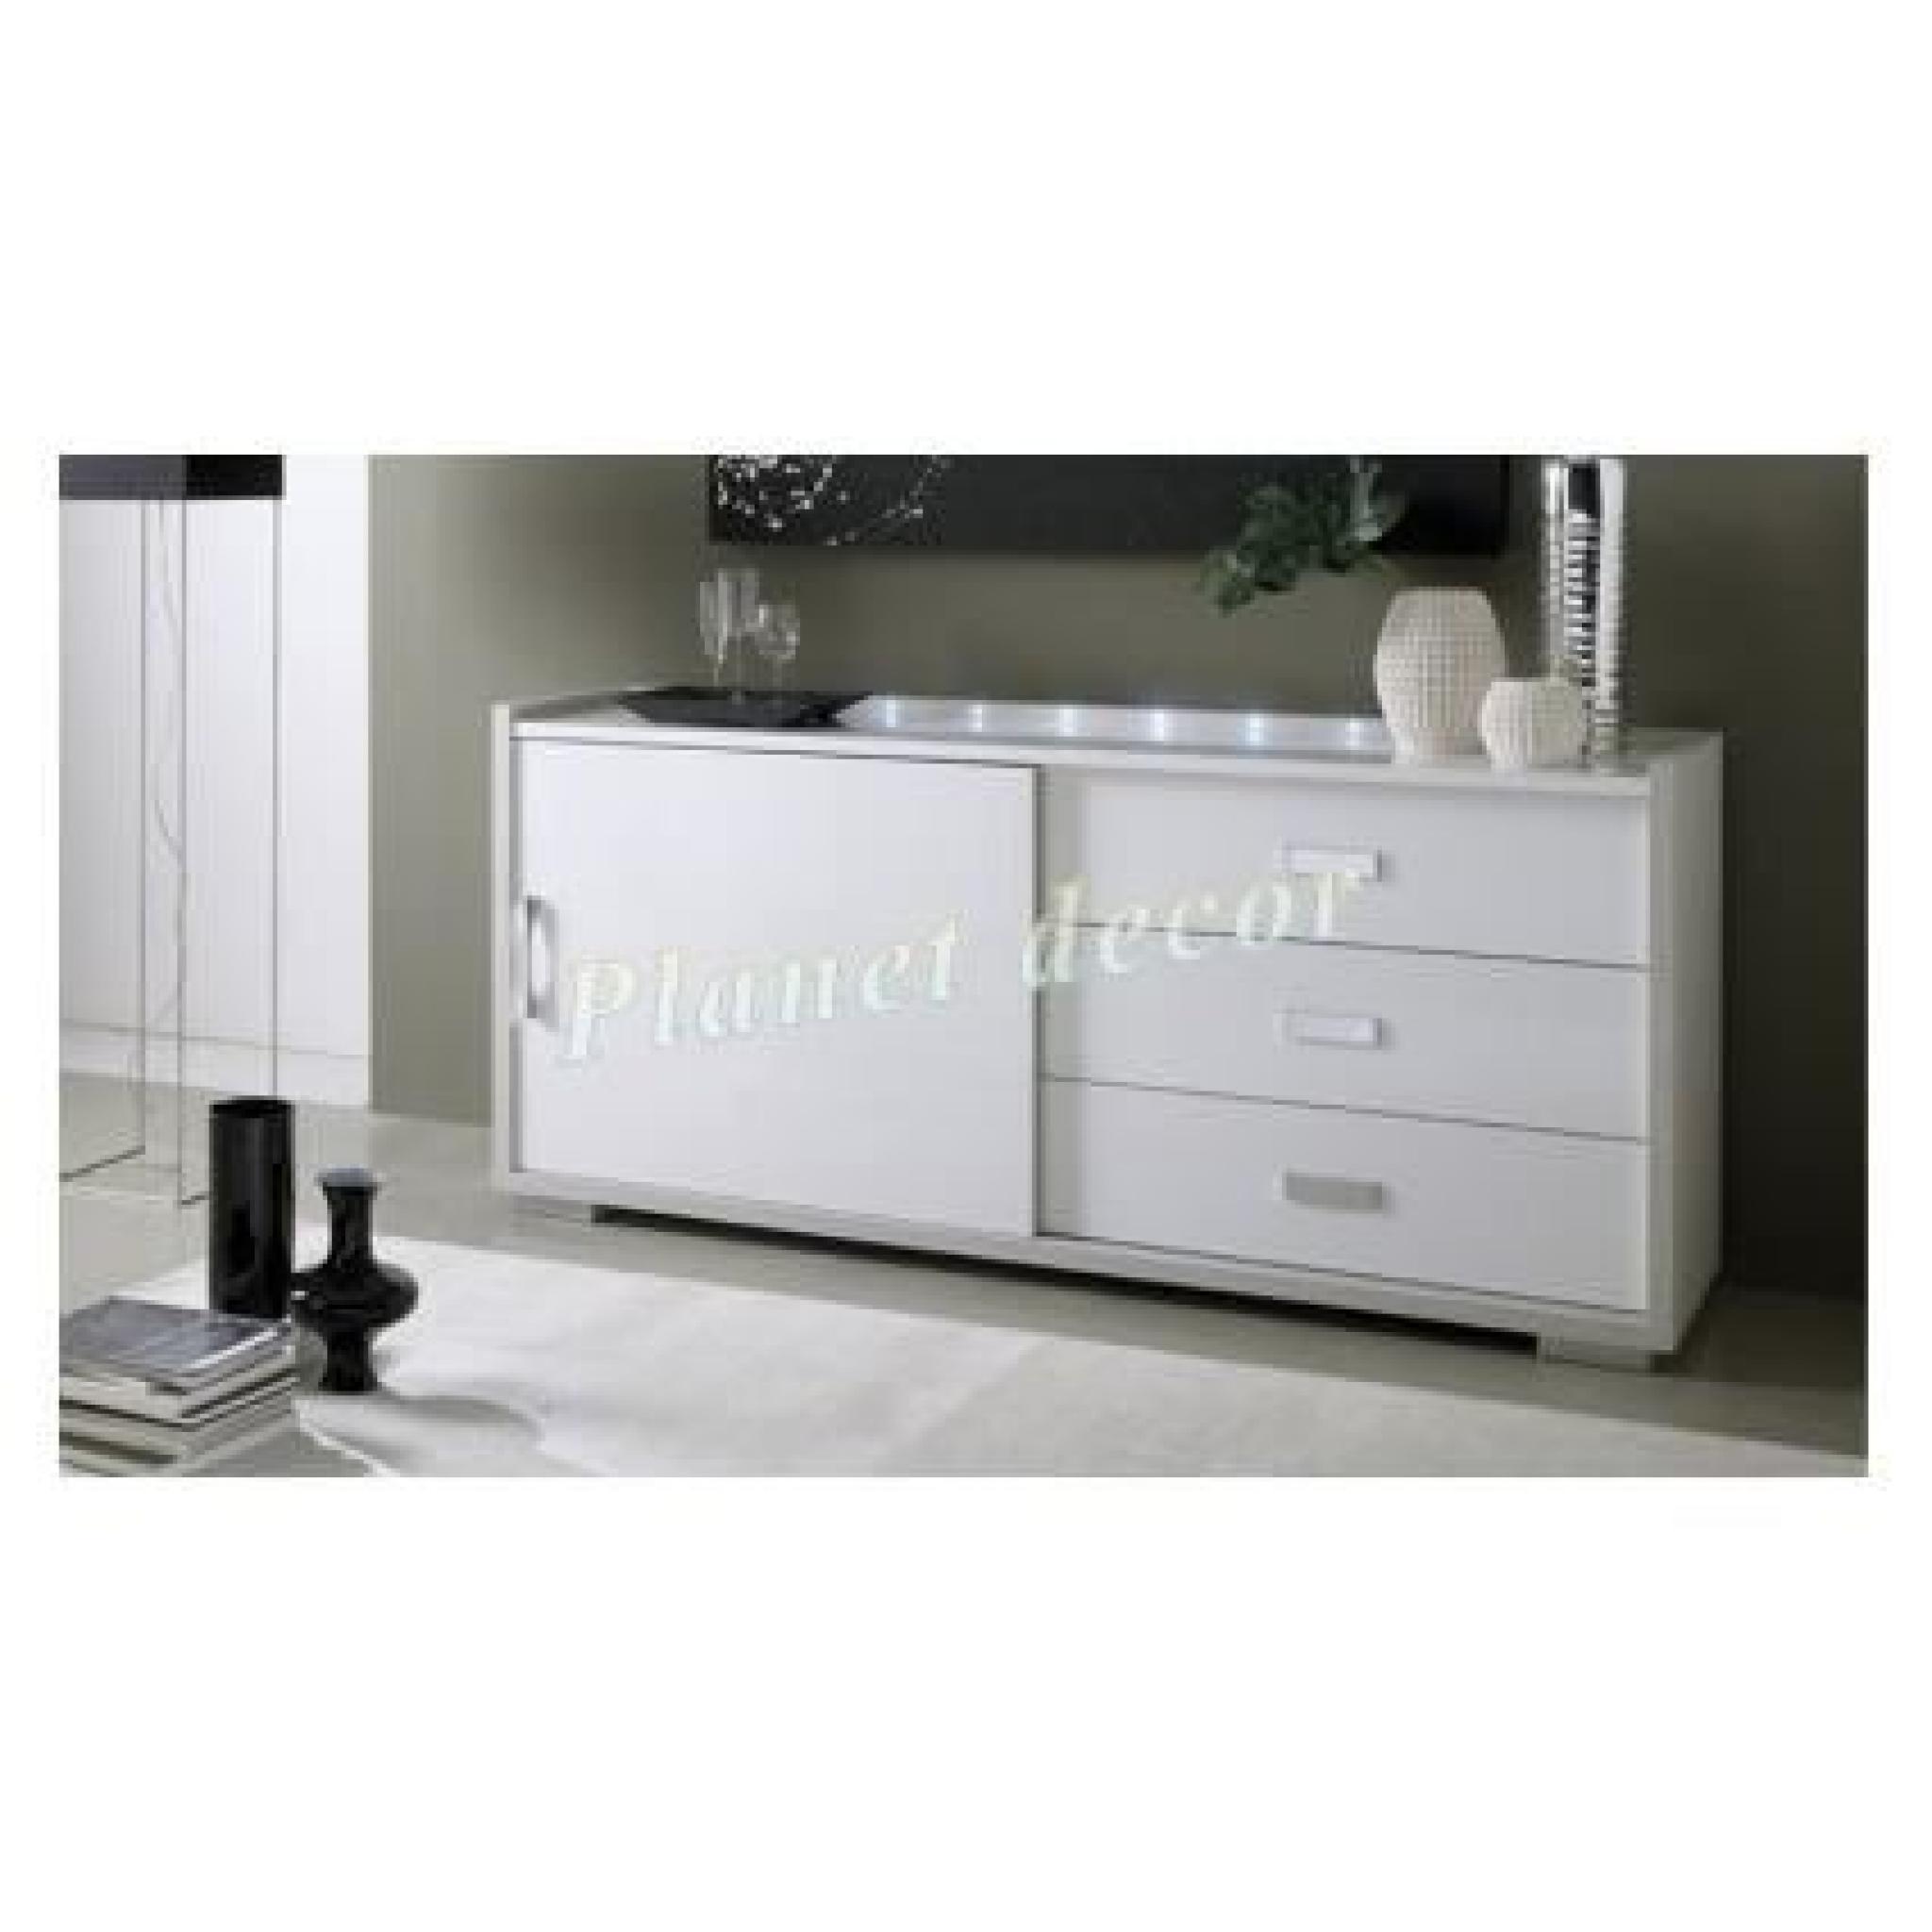 bahut 1 portes coulissante 3 tiroirs model rudy sans led achat vente buffet pas cher. Black Bedroom Furniture Sets. Home Design Ideas